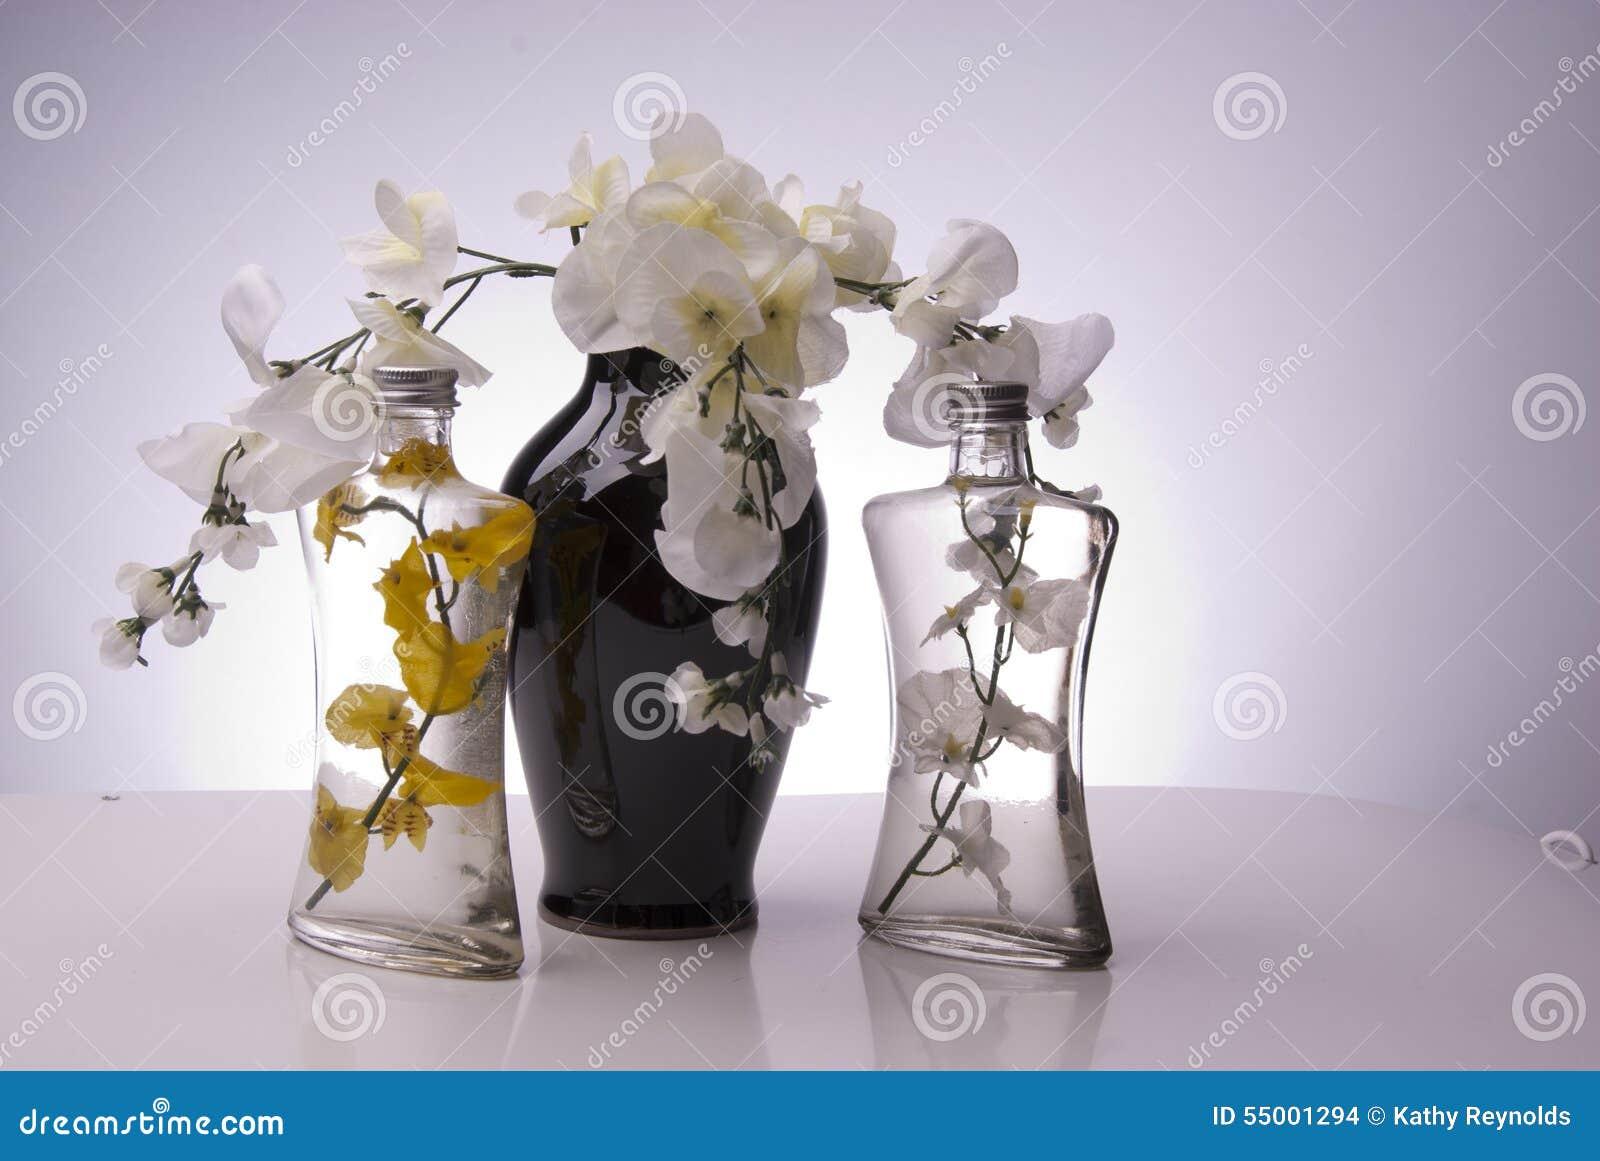 Schwarzer Vase mit klaren Flaschen und Blumen